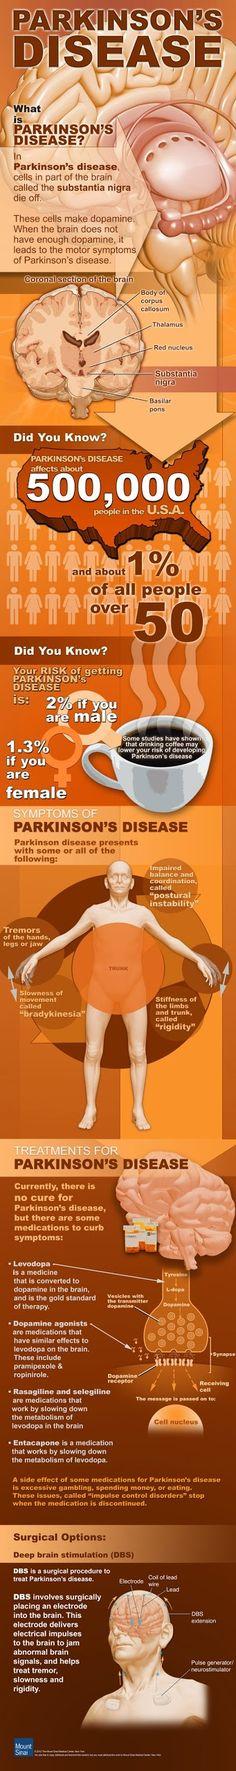 Parkinson's disease infographic